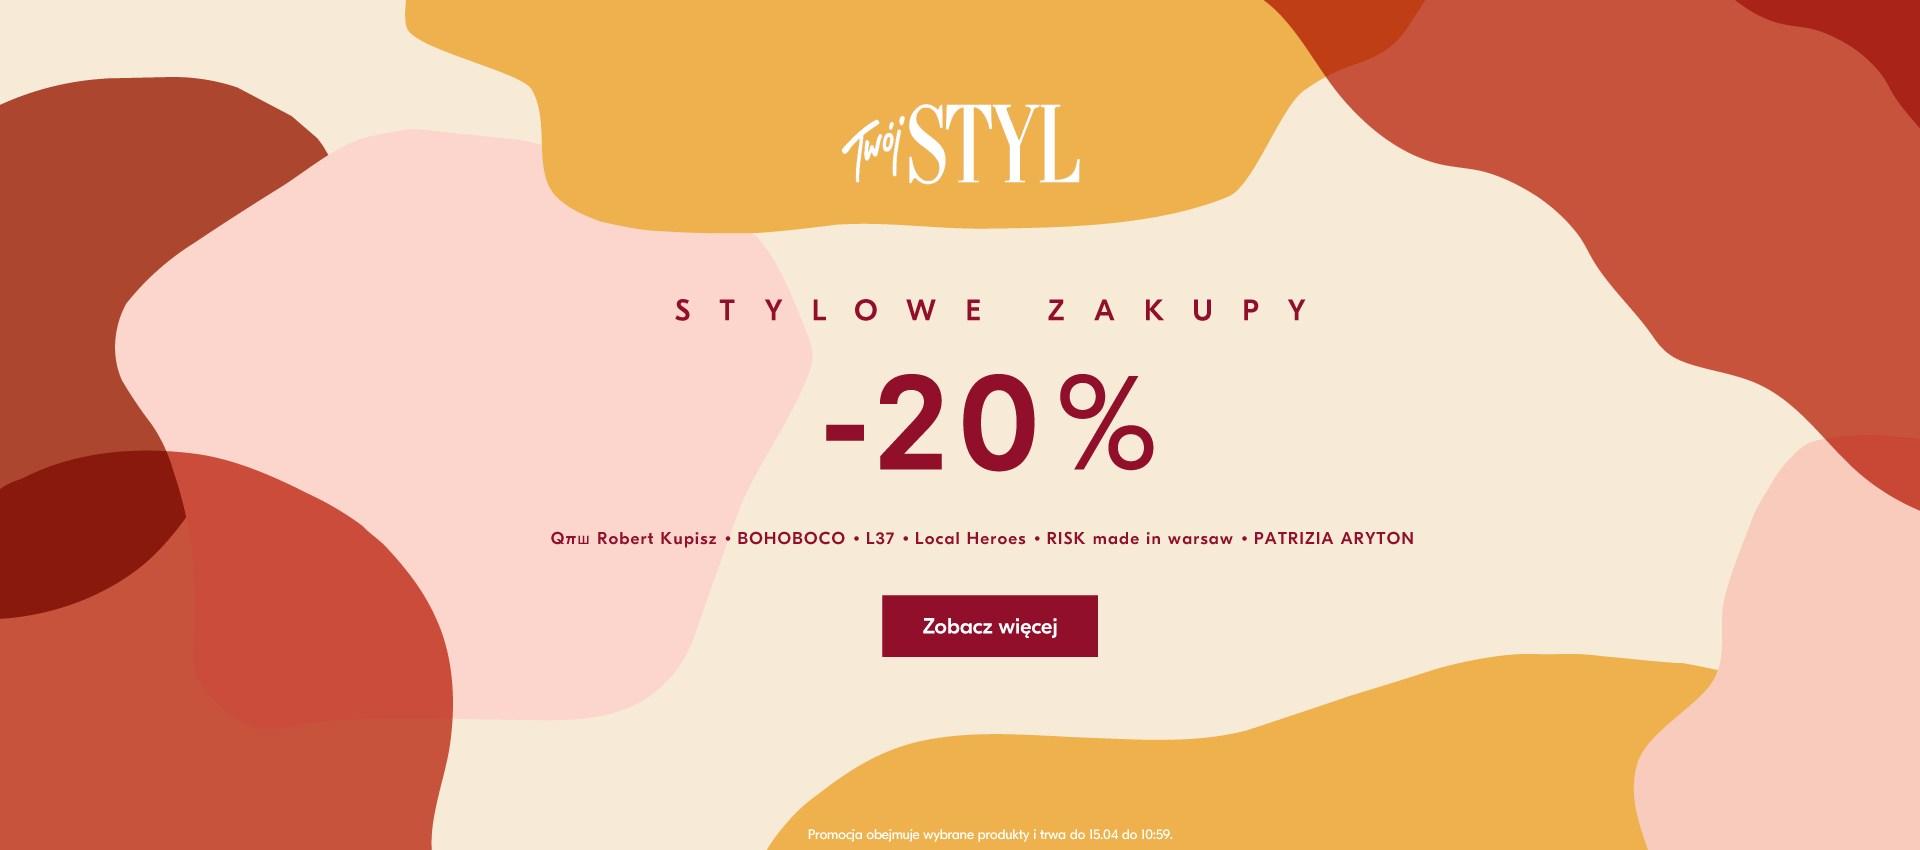 ShowRoom: Stylowe Zakupy 20% zniżki na wybrane produkty polskich marek